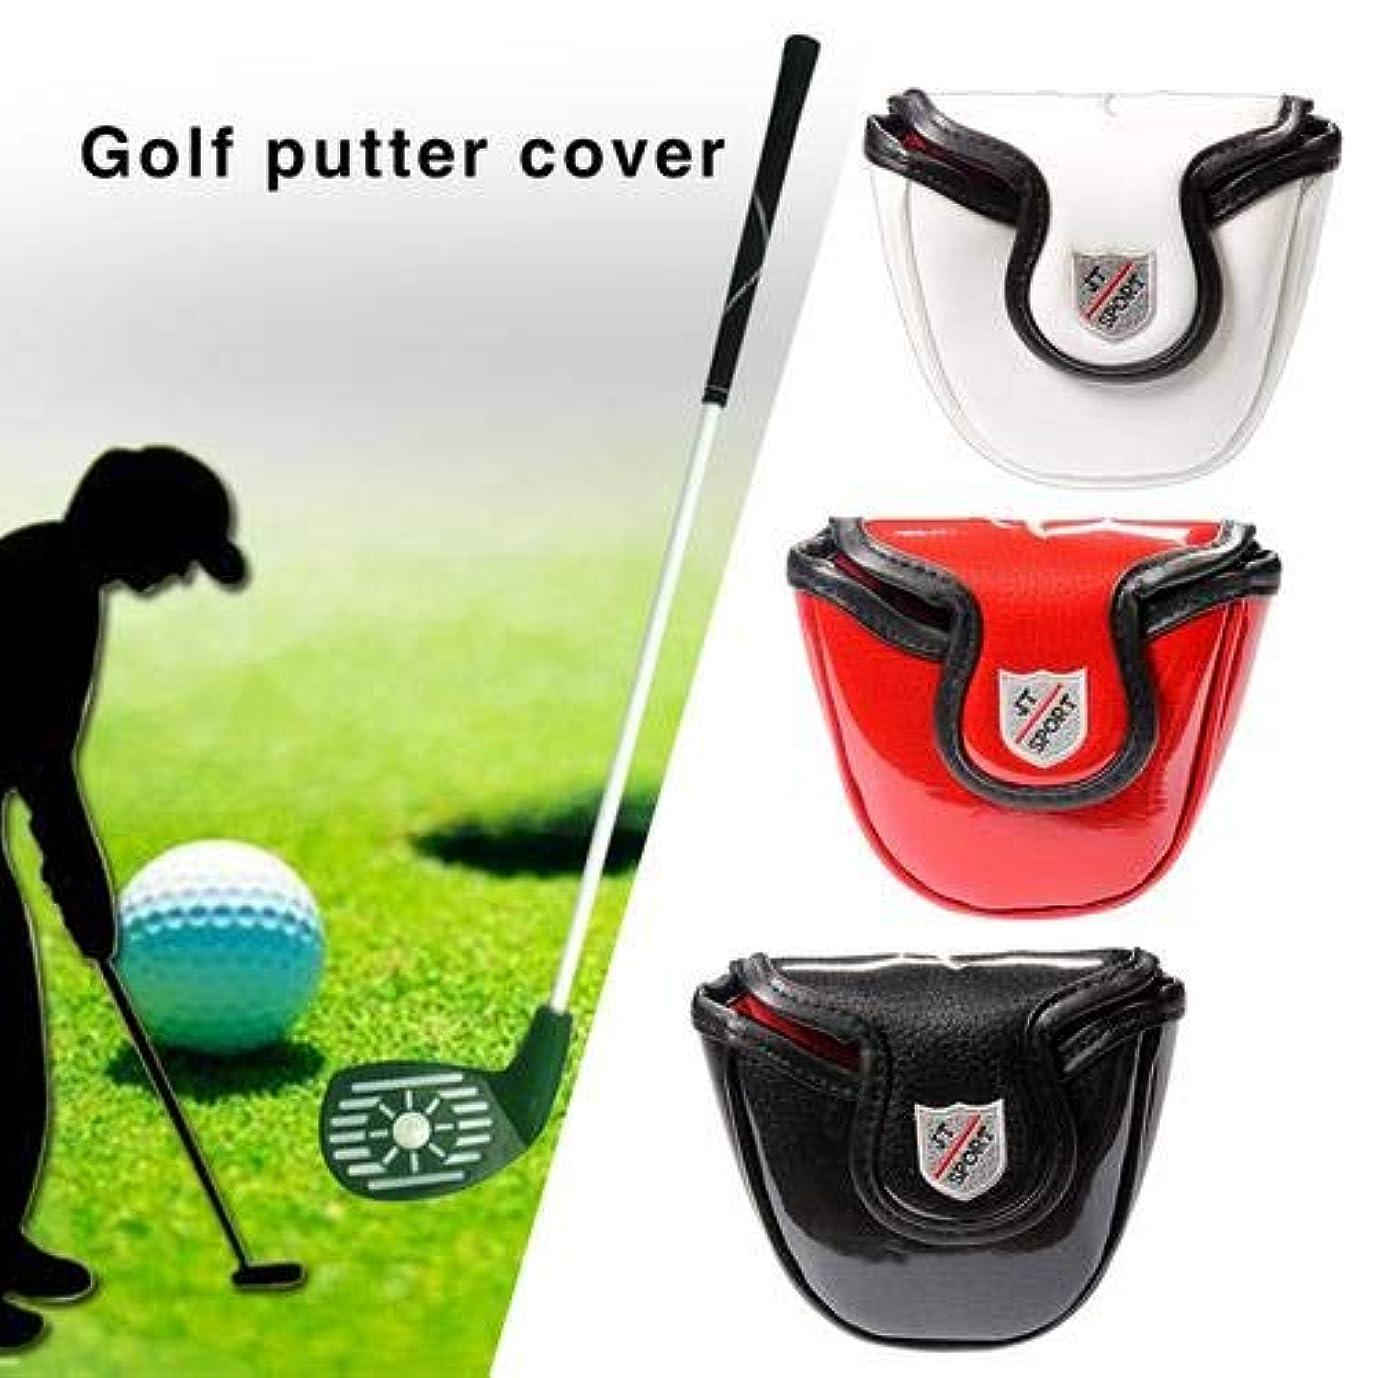 両方テレマコスルネッサンスパターカバー ゴルフ ゴルフスカルカバー 磁気バックル プッシャーカバー 骷髅 ゴルフヘッドギア ゴルフアクセサリー 約13.5x11x2.5cm 高級PUレザー 防水